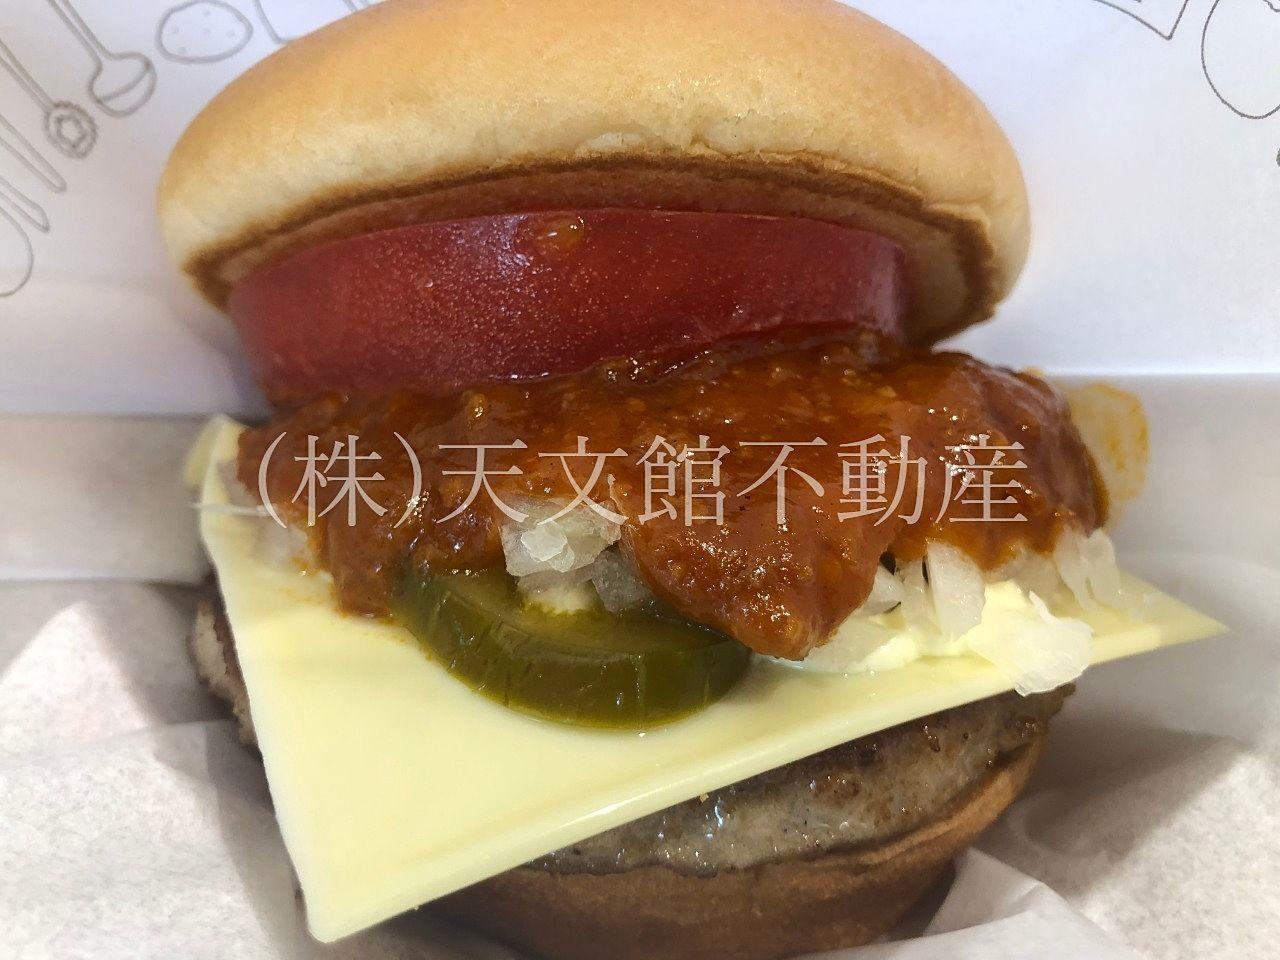 鹿児島市山之口町のNikanbashi Burger Barはチーズバーガーも美味しいです。